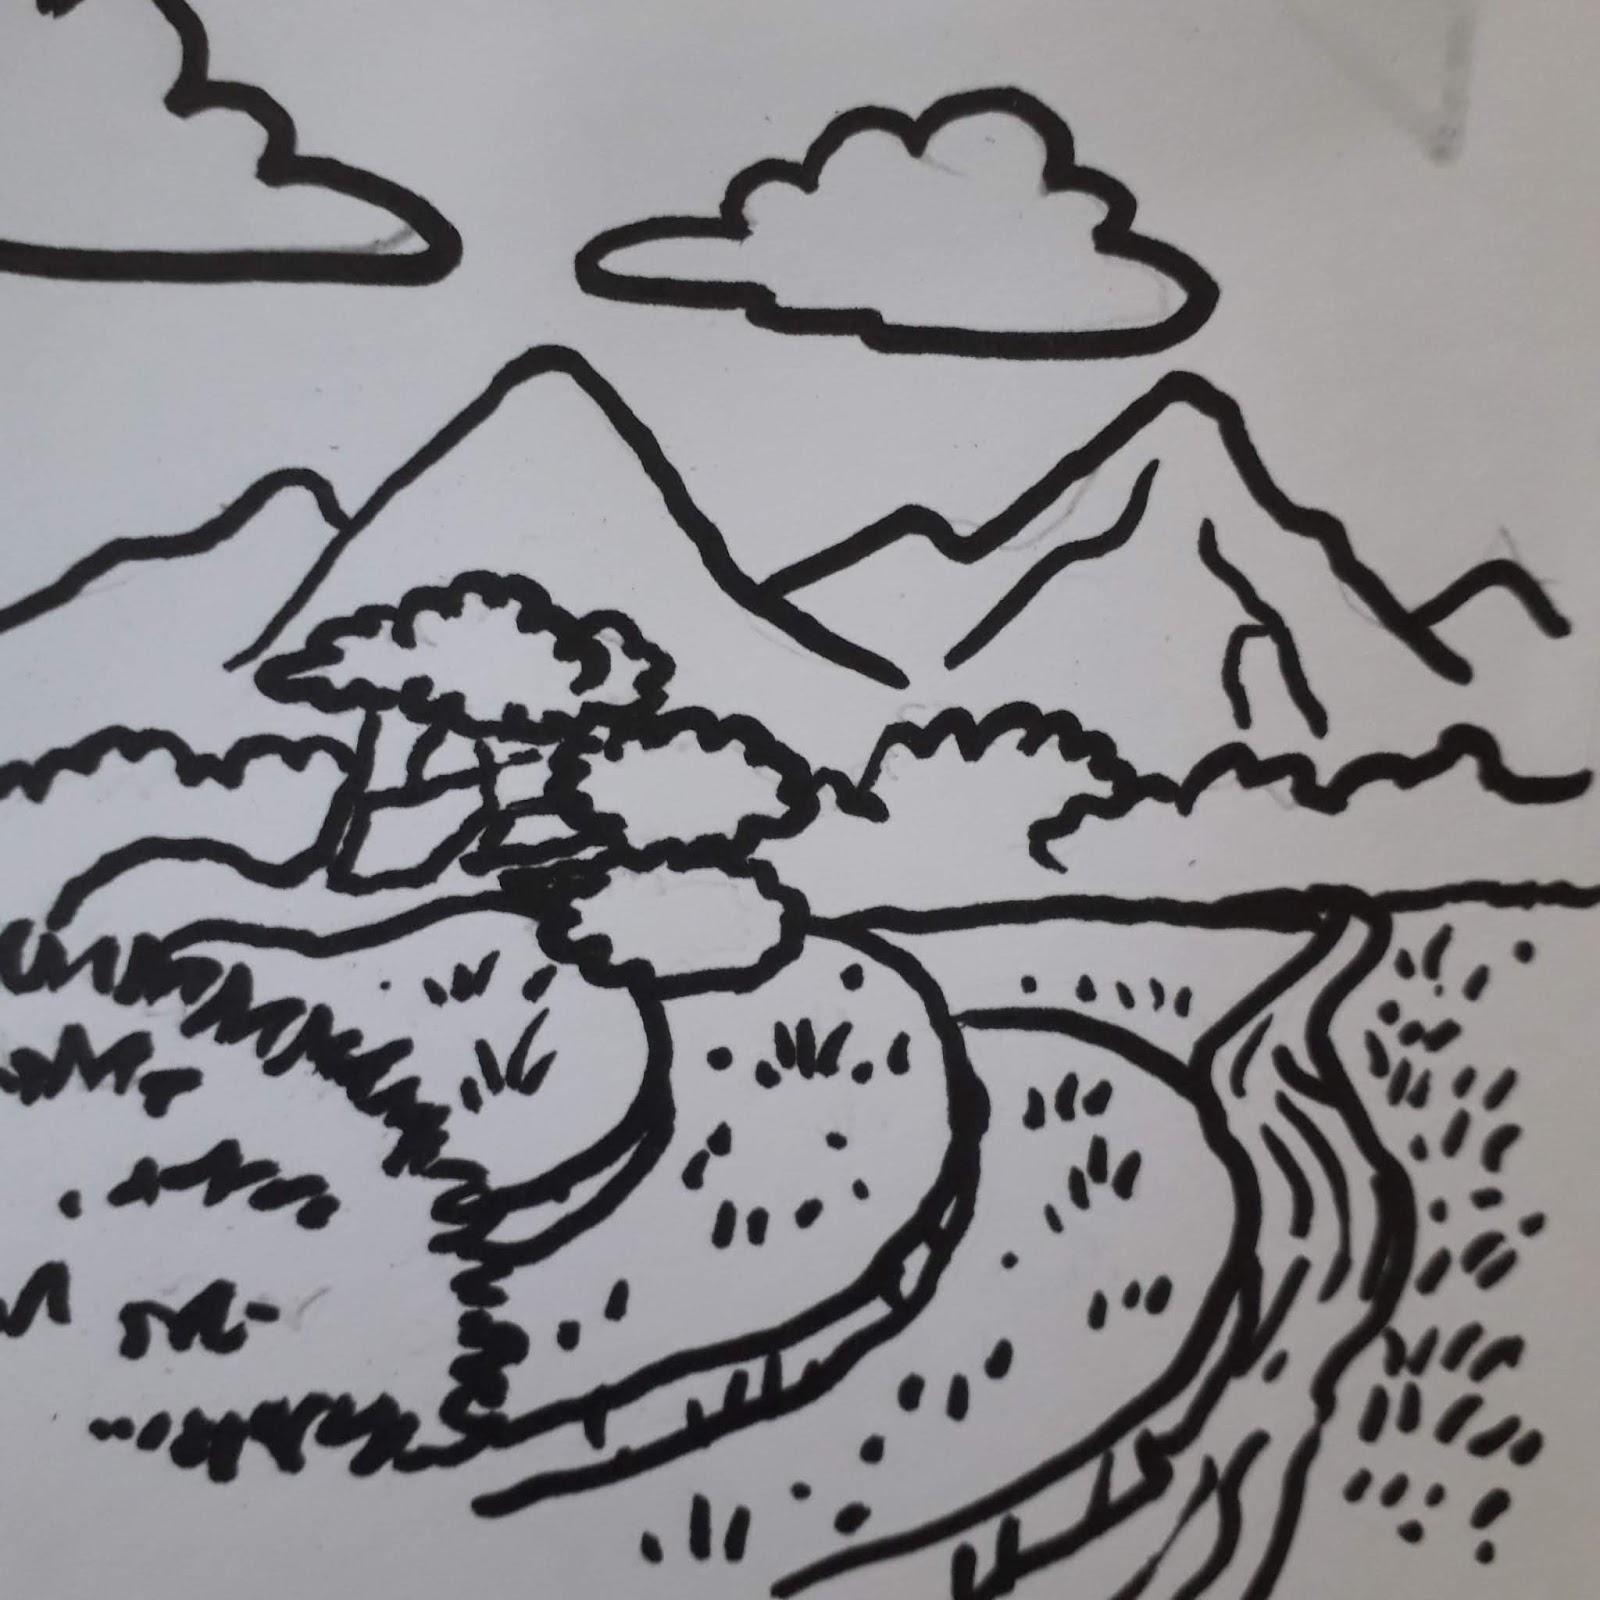 Karikaturku Indonesia Mewarnai Pemandangan Alam Gunung Dan Sawah